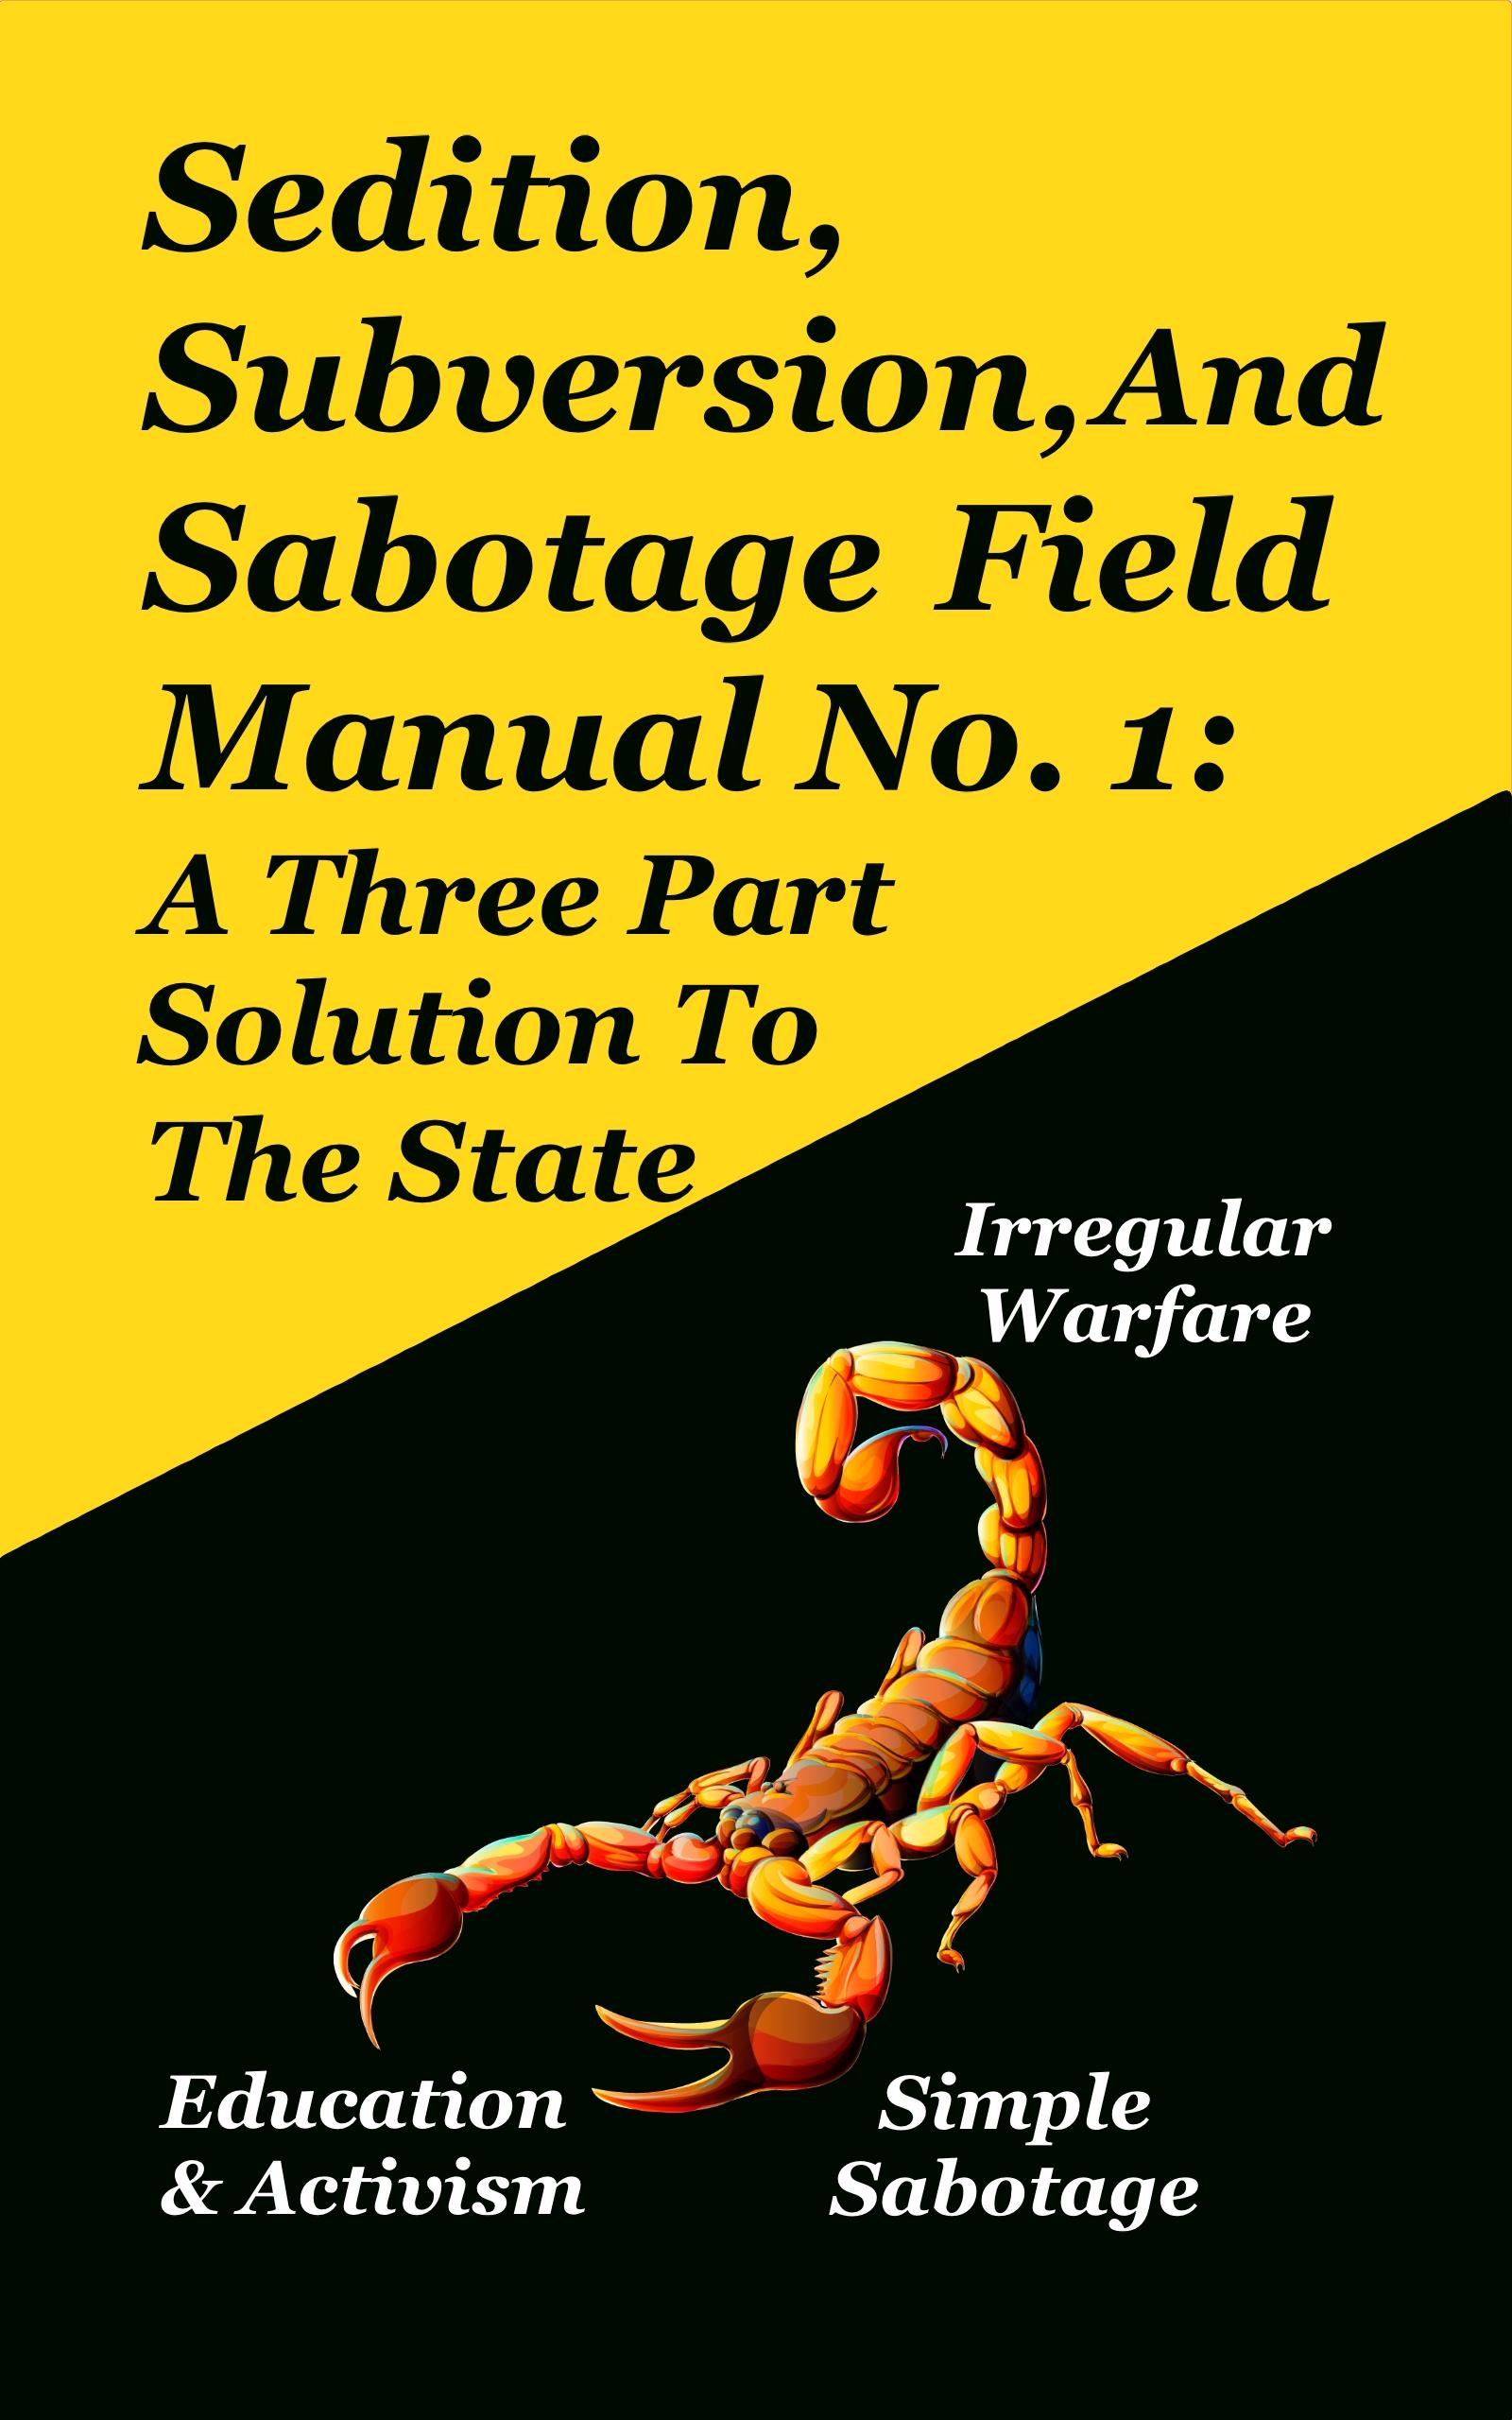 Bad Quaker Manual 01